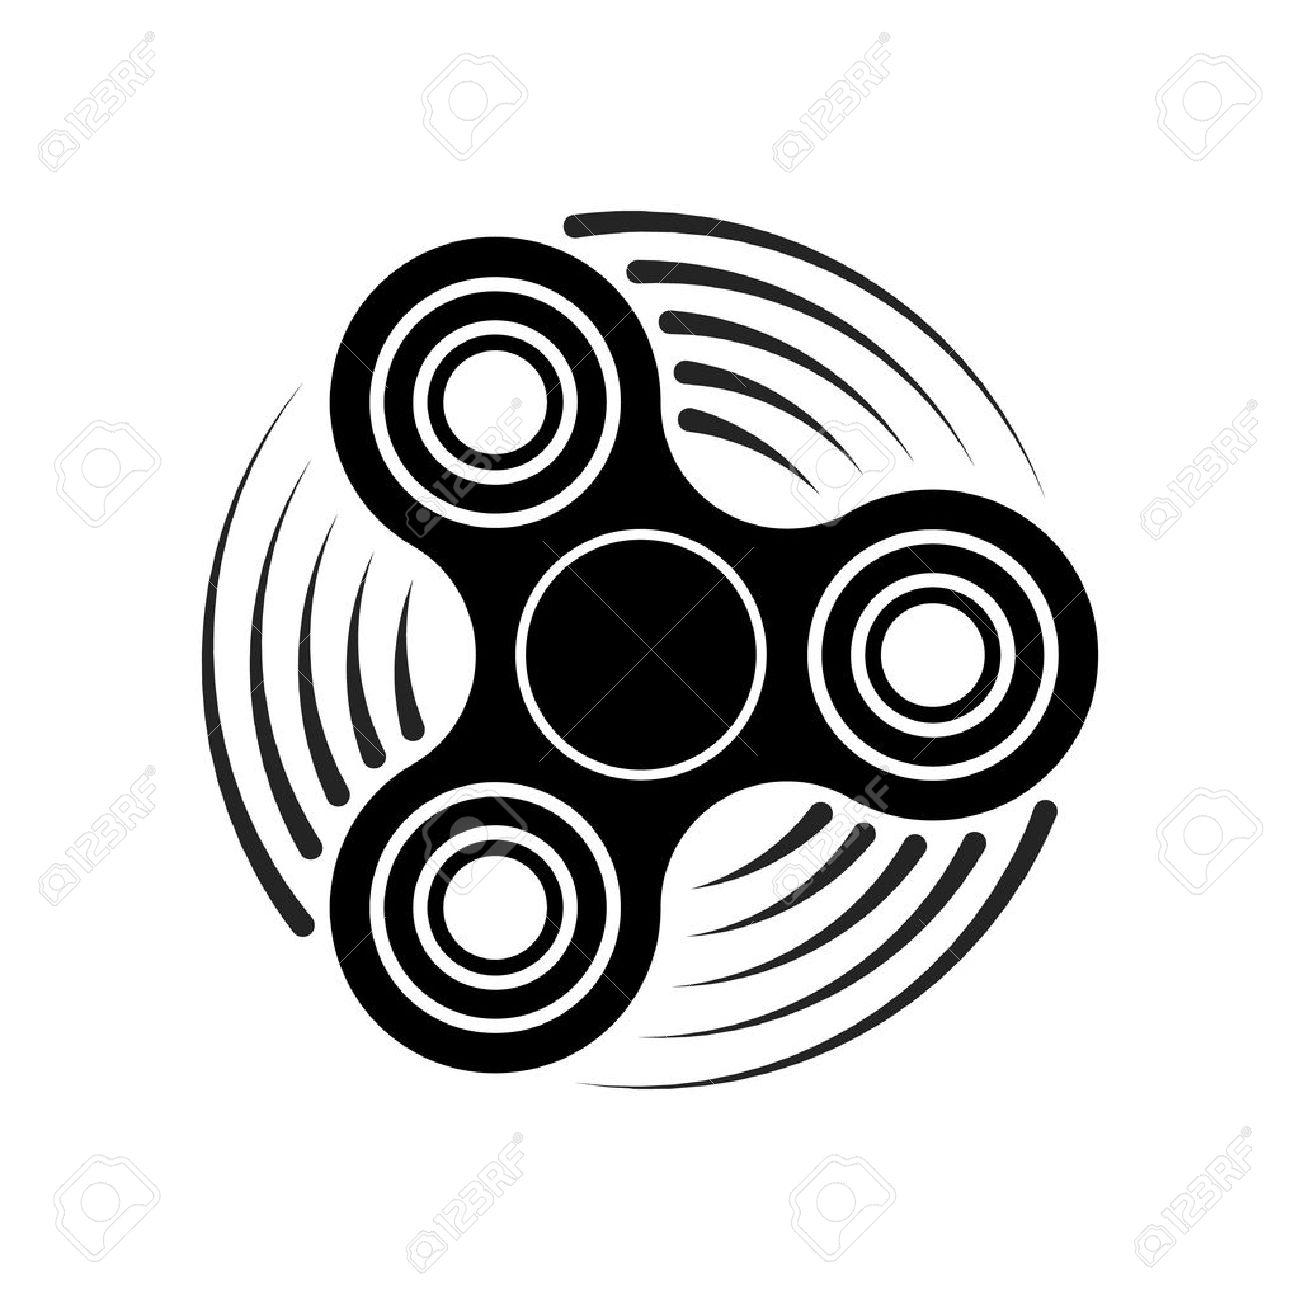 Fidget spinner clipart 4 » Clipart Station.